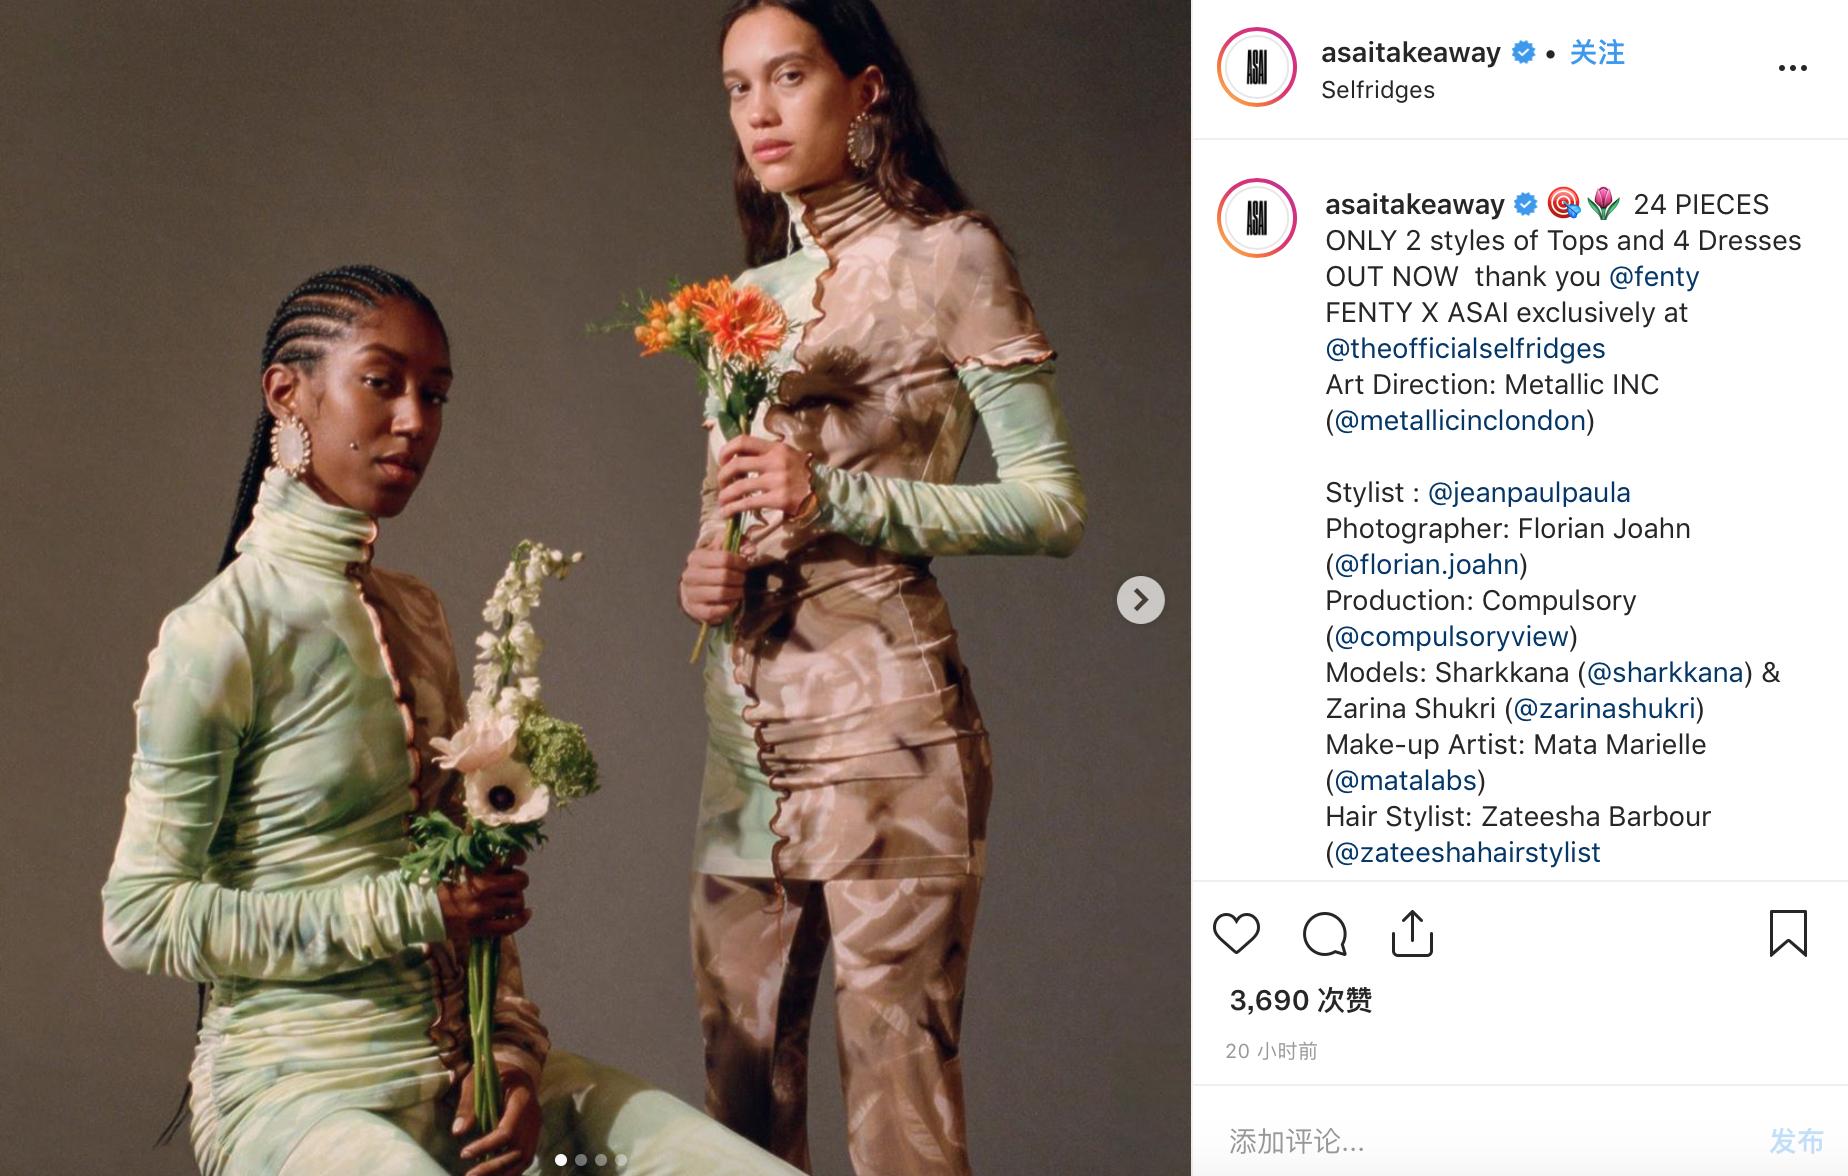 蕾哈娜的 Fenty品牌首次联名合作,选择了中越混血设计师:A Sai Ta